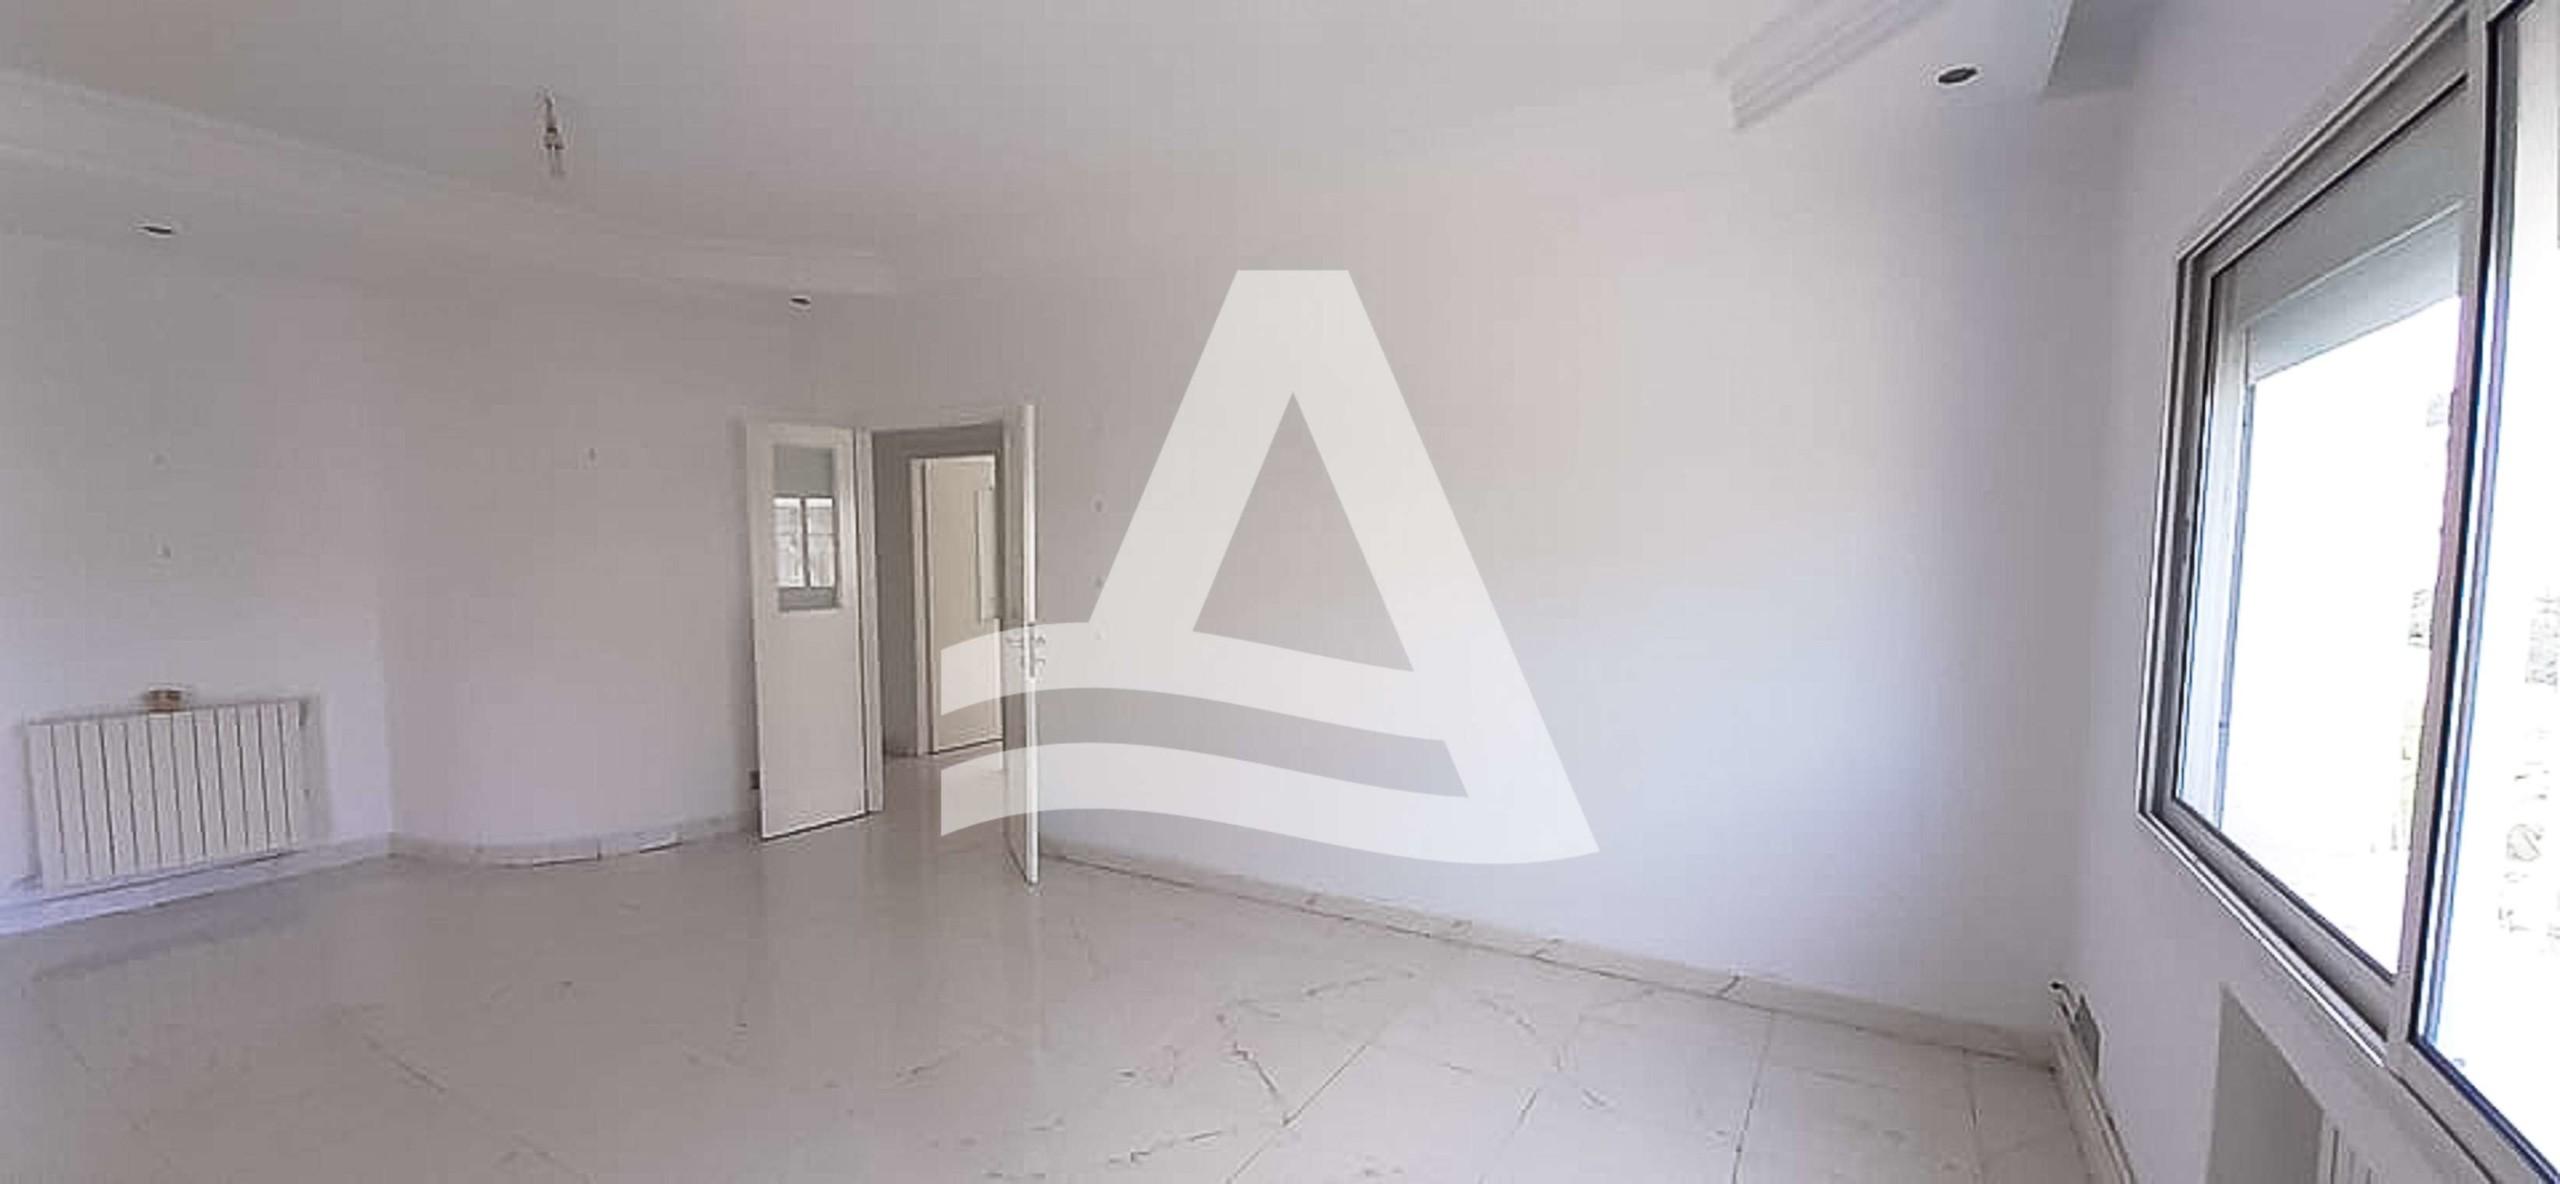 httpss3.amazonaws.comlogimoaws9708627851589016106_Arcane_immobilière_la_Marsa-_location_-_vente_la_marsa__-3